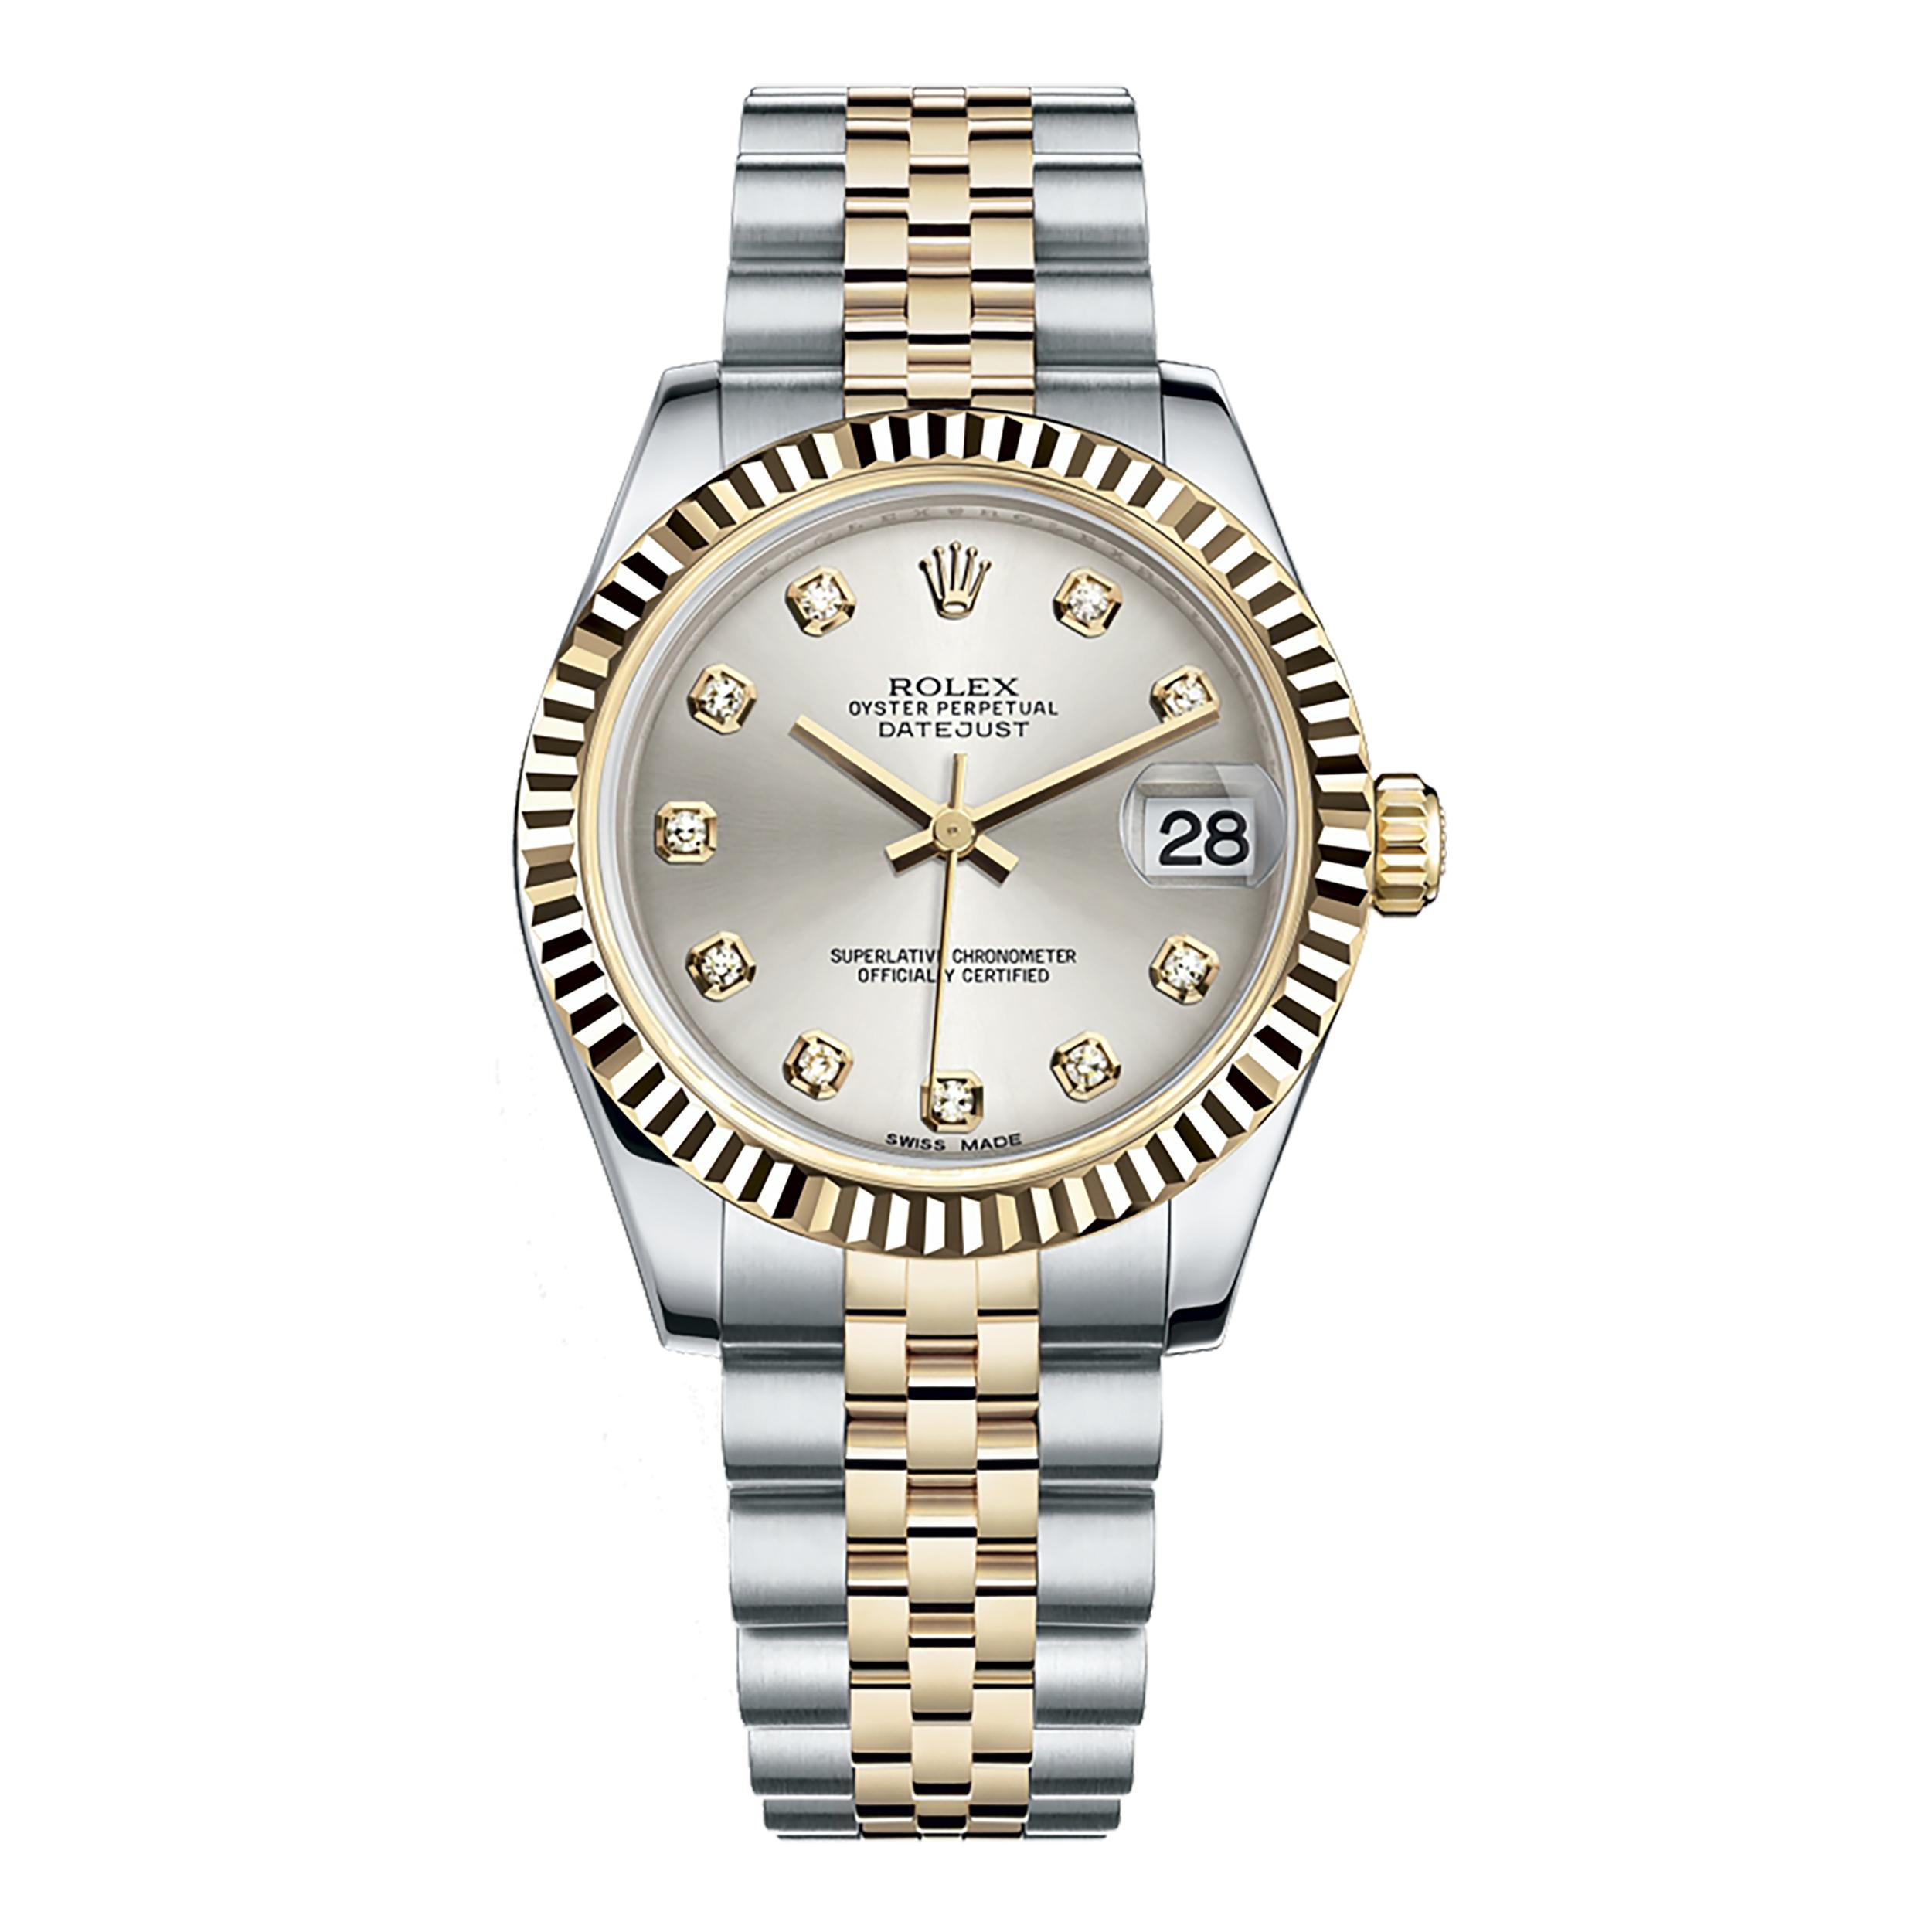 ساعت مچی عقربه ای زنانه مدل Datejust کد 178273